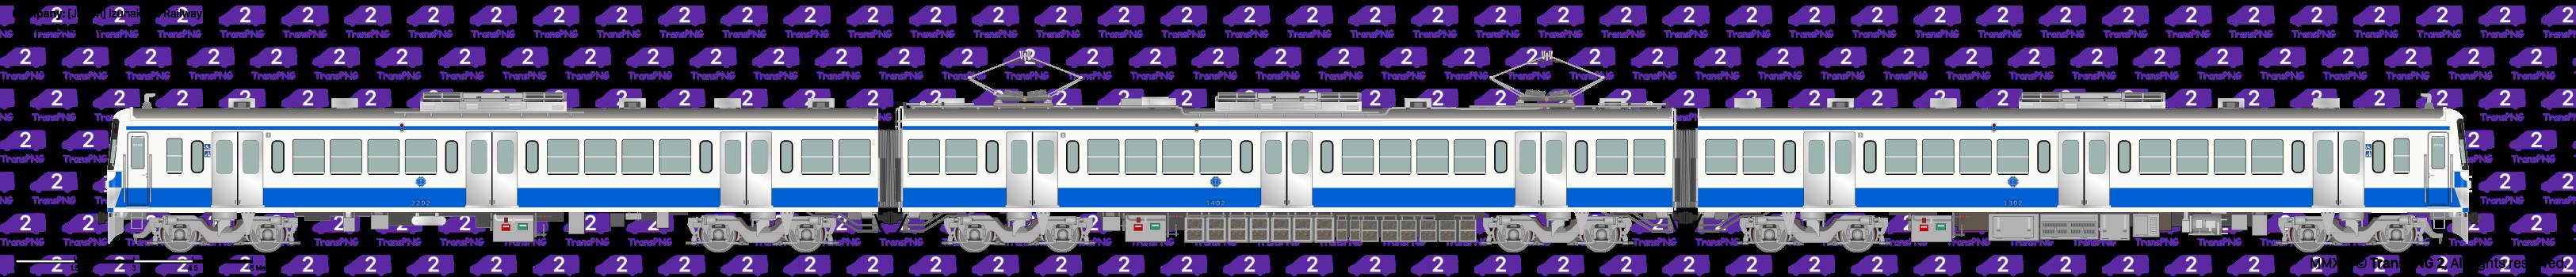 [24024] 伊豆箱根鉄道 24024